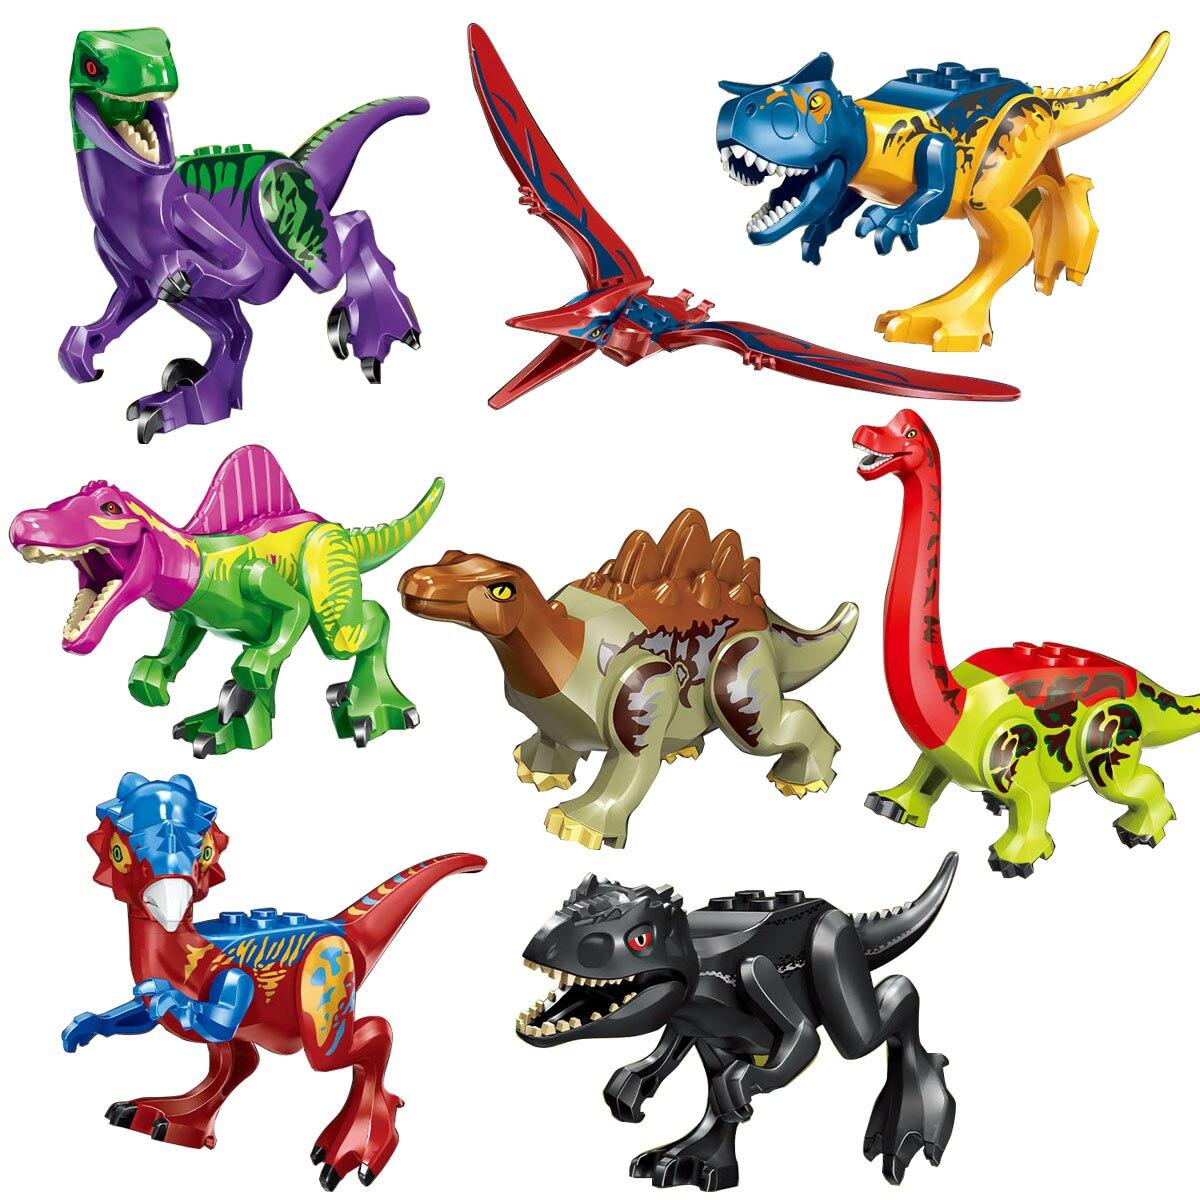 Toys & Hobbies Dr.tong Jurassic World 2 Action Figure Dinosaurs Park Building Blocks Velociraptor Tyrannosaurs Rex Gift Toys For Children Kr21